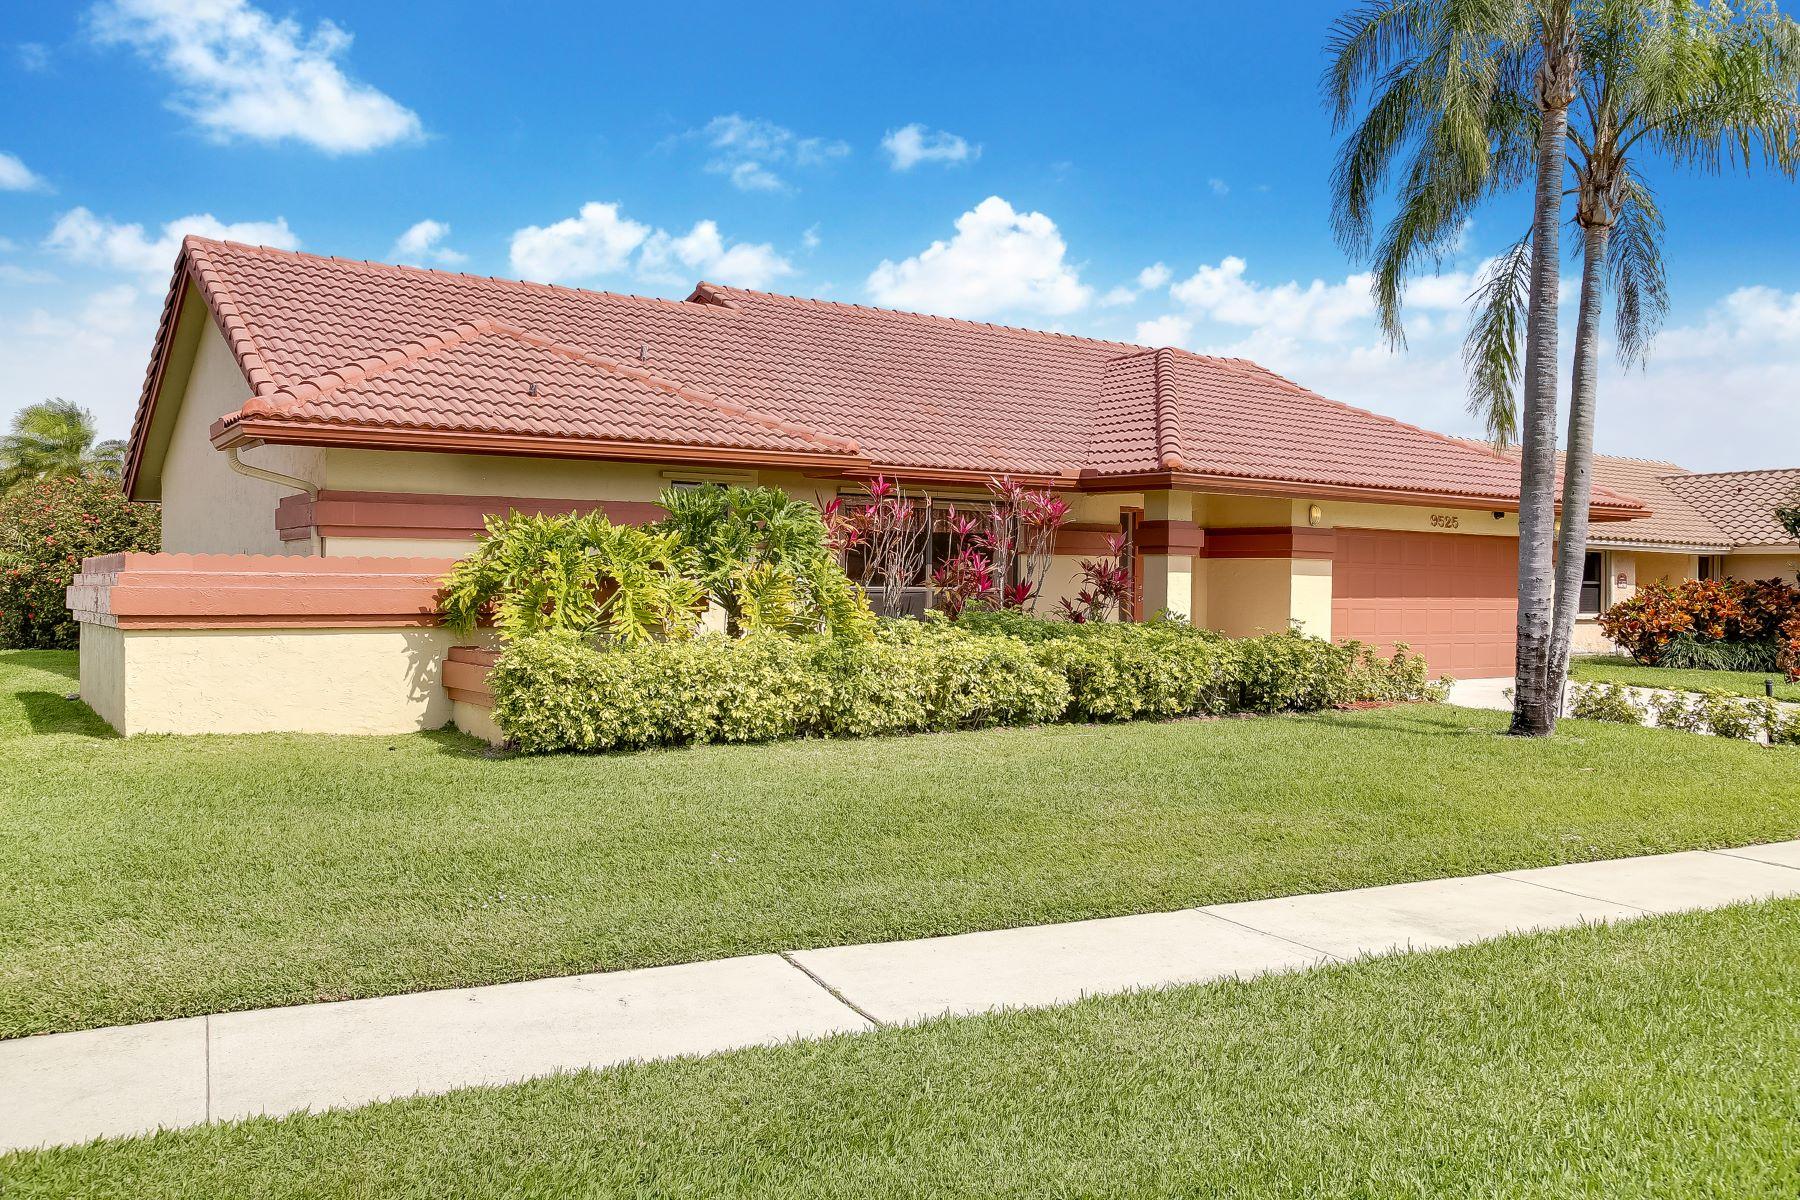 Μονοκατοικία για την Πώληση στο 9525 Majestic Way 9525 Majestic Way Boynton Beach, Φλοριντα 33437 Ηνωμένες Πολιτείες